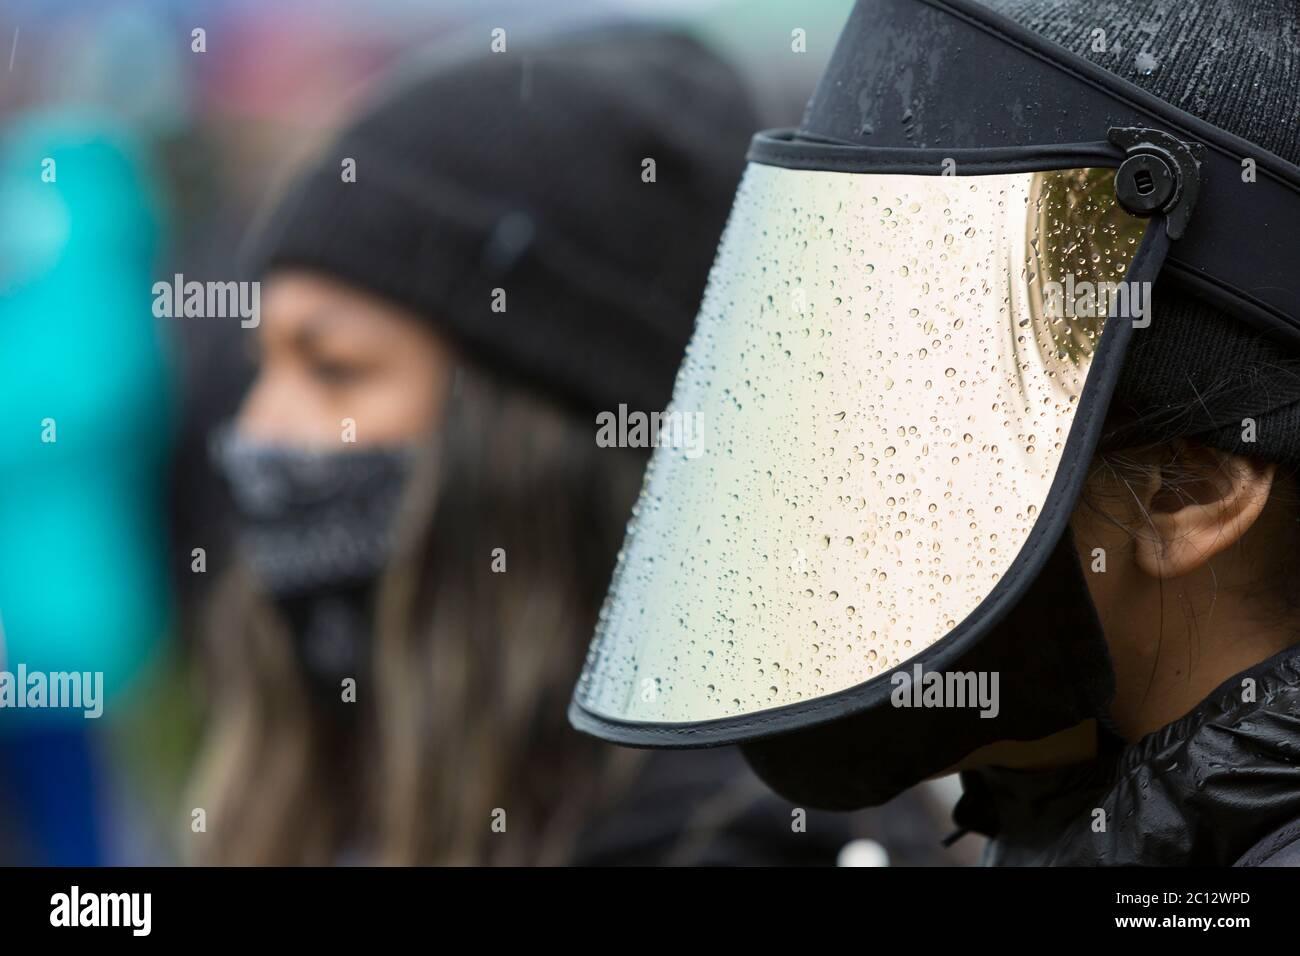 Un defensor de un escudo facial se enfrentaba a fuertes lluvias para asistir a la marcha silenciosa a nivel estatal y a la huelga general en el Parque Judkins en el barrio del Distrito Central de Seattle el viernes, 12 de junio de 2020. Black Lives Matter Seattle-King County organizó el día de acción y la marcha silenciosa a nivel estatal para honrar las vidas perdidas en apoyo de todas las vidas negras en el estado de Washington. Foto de stock